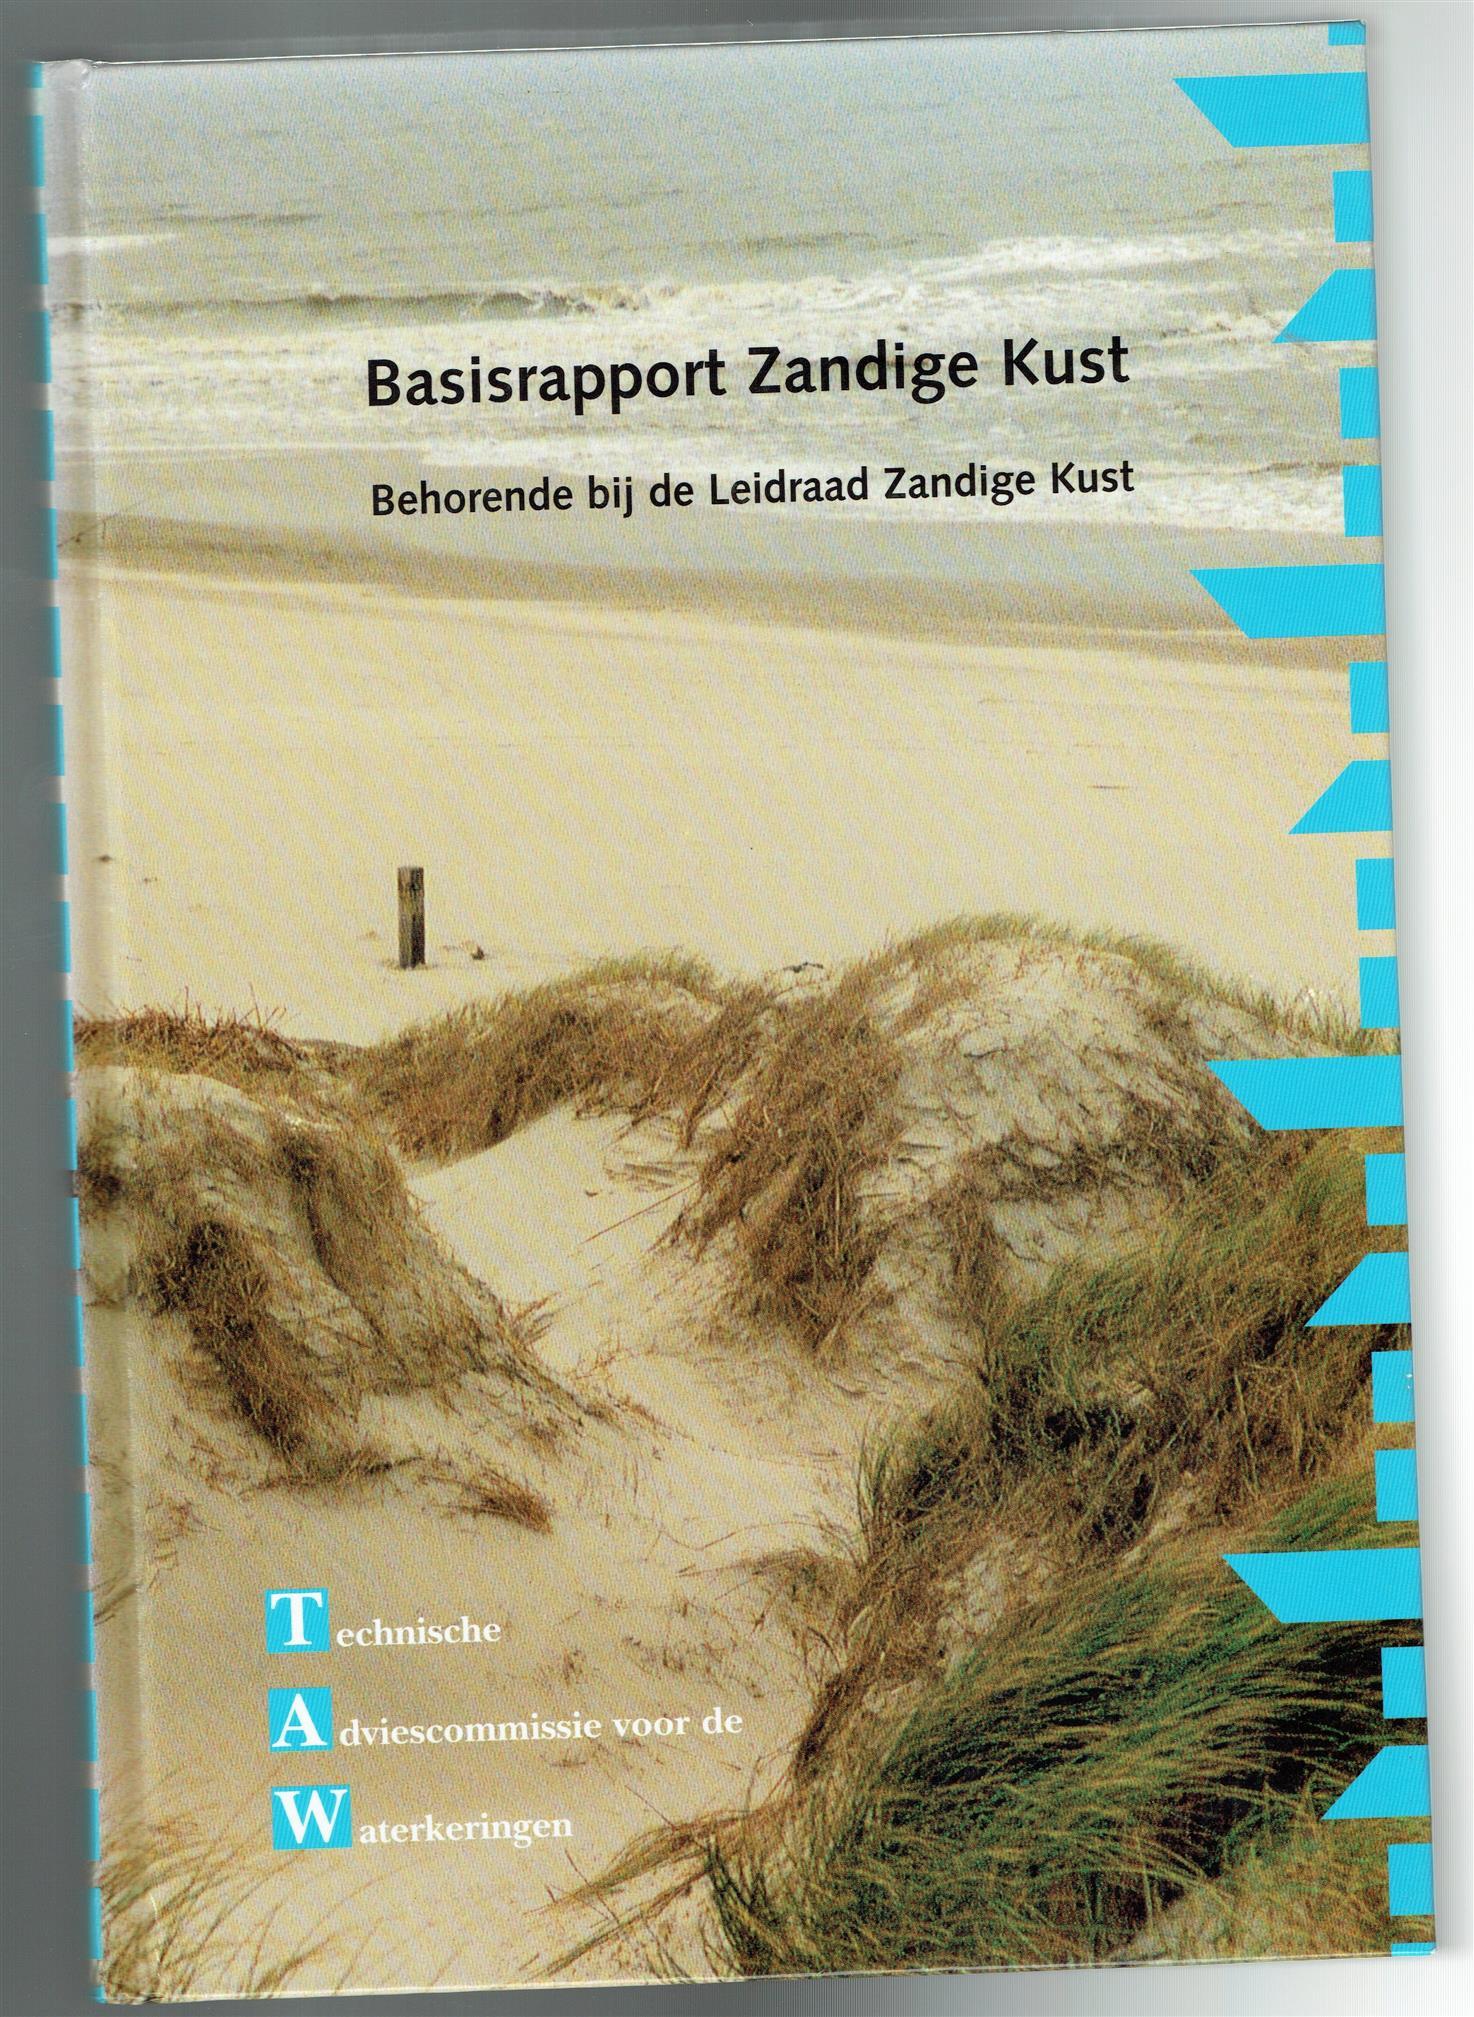 Biezen, S.C. van der, Graaff, J. van de, Technische Adviescommissie voor de Waterkeringen, Dienst Weg- en Waterbouwkunde, Delft - Basisrapport zandige kust